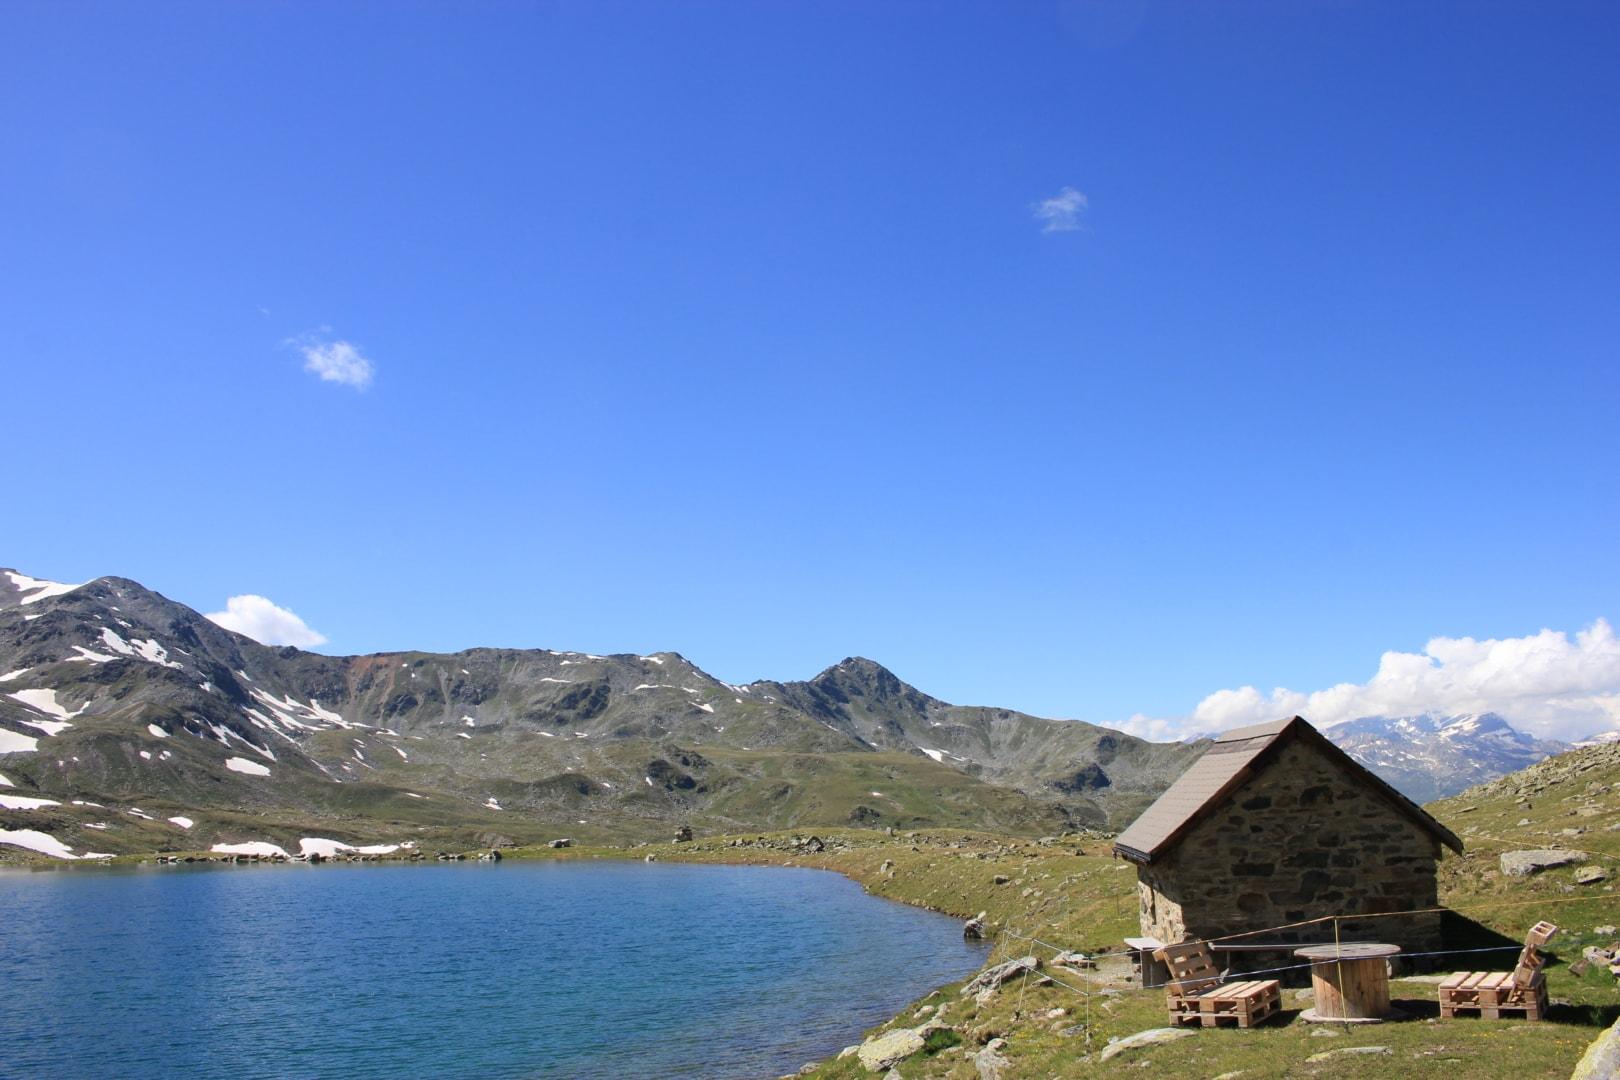 Schutzhütte mit Picknickplatz am Grosse See im Sommer